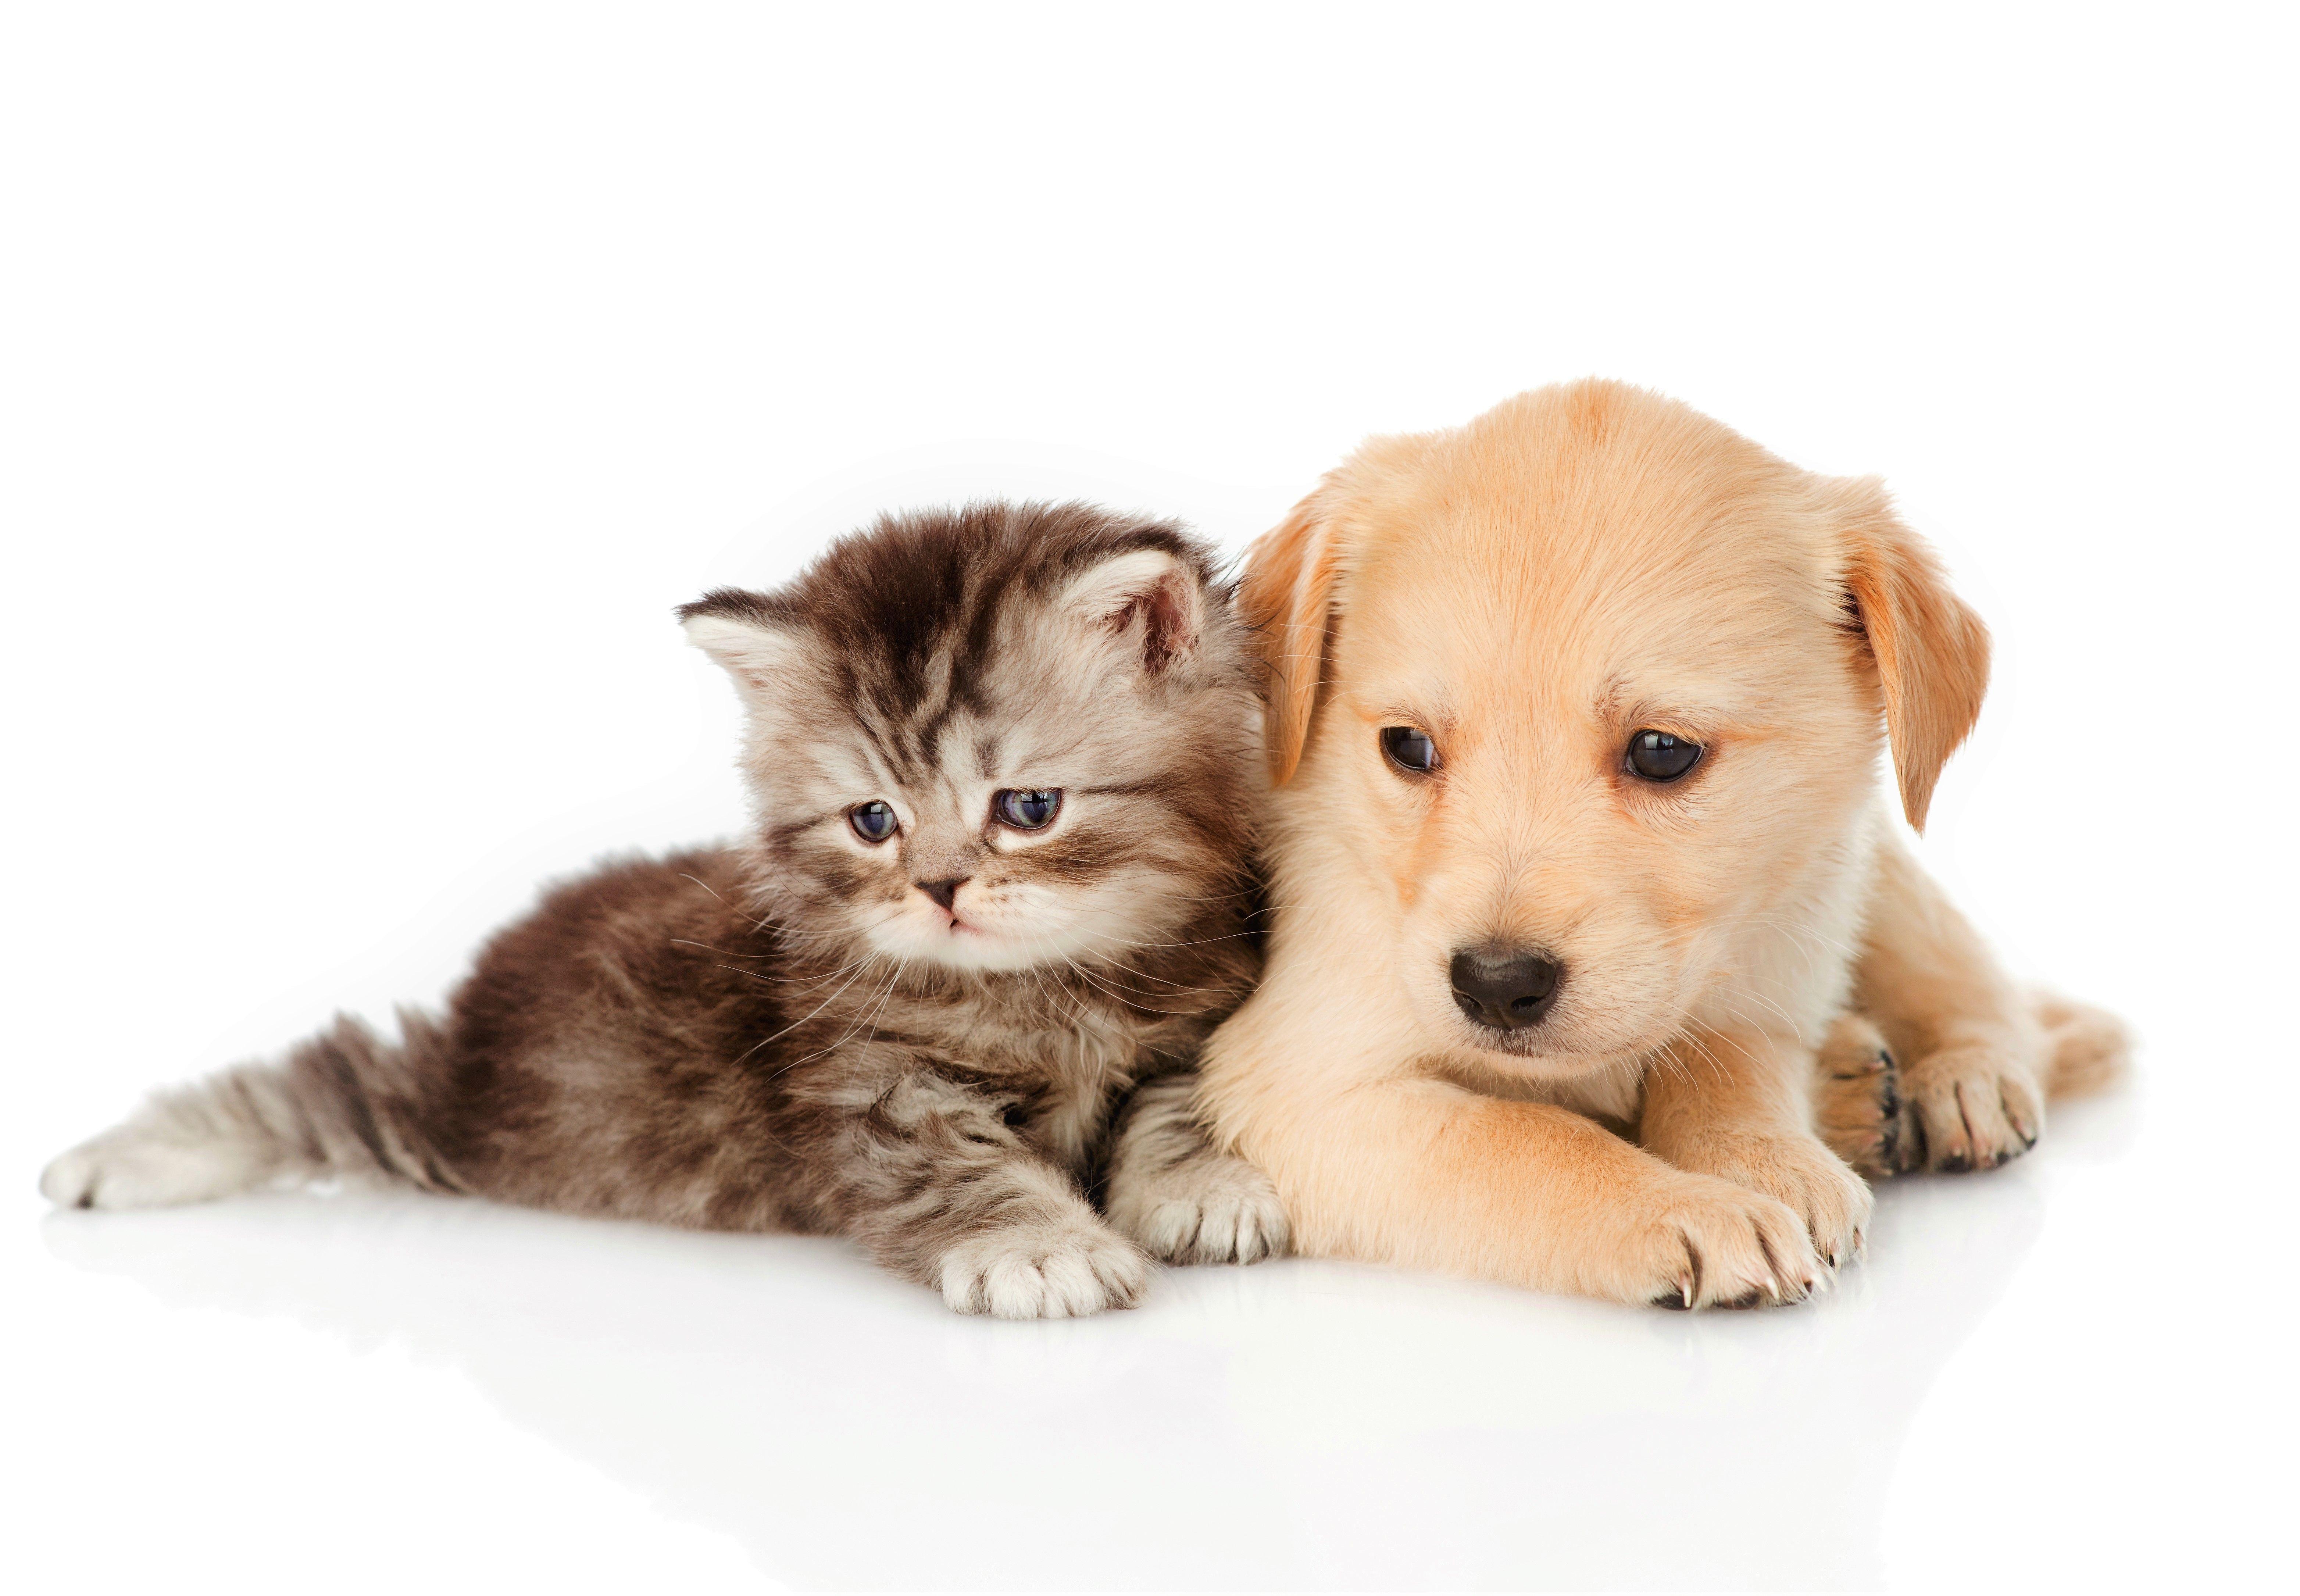 6256x4341 خلفية HD Cat & Dog وصورة خلفية